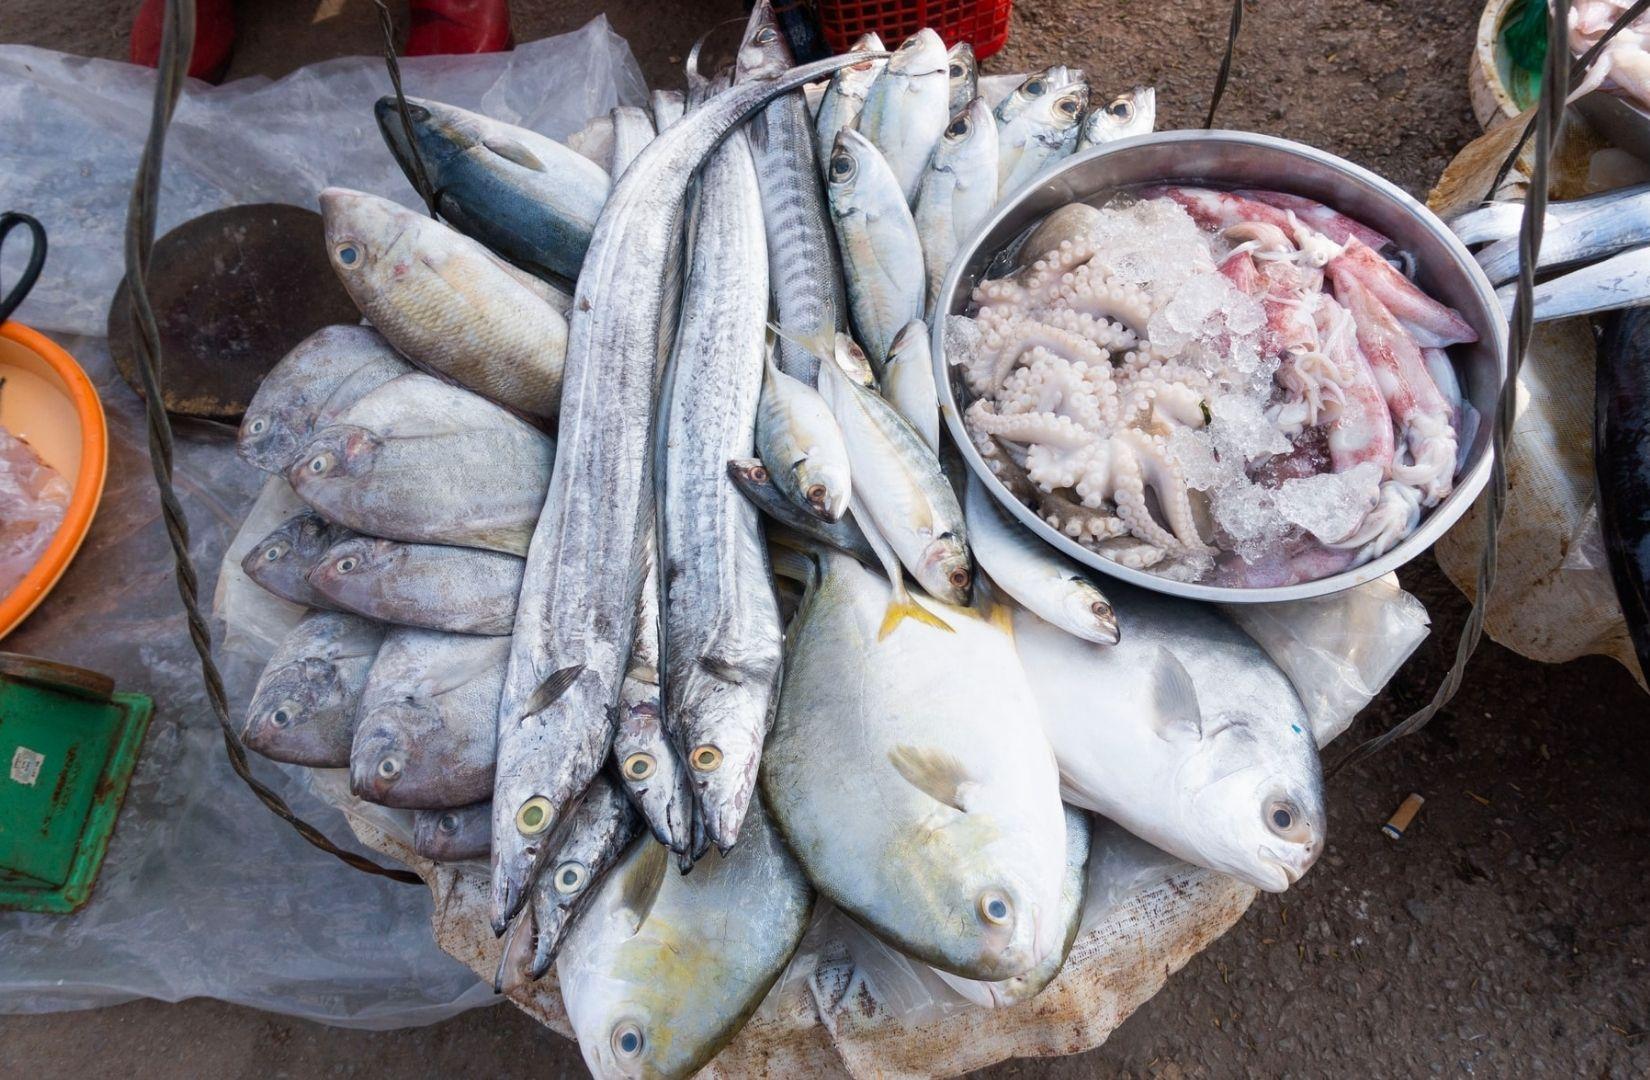 Fische, die keine Stimme mehr haben, auf einem Markt in Hanoi. (Foto: Daniel Lee, Unsplash.com)